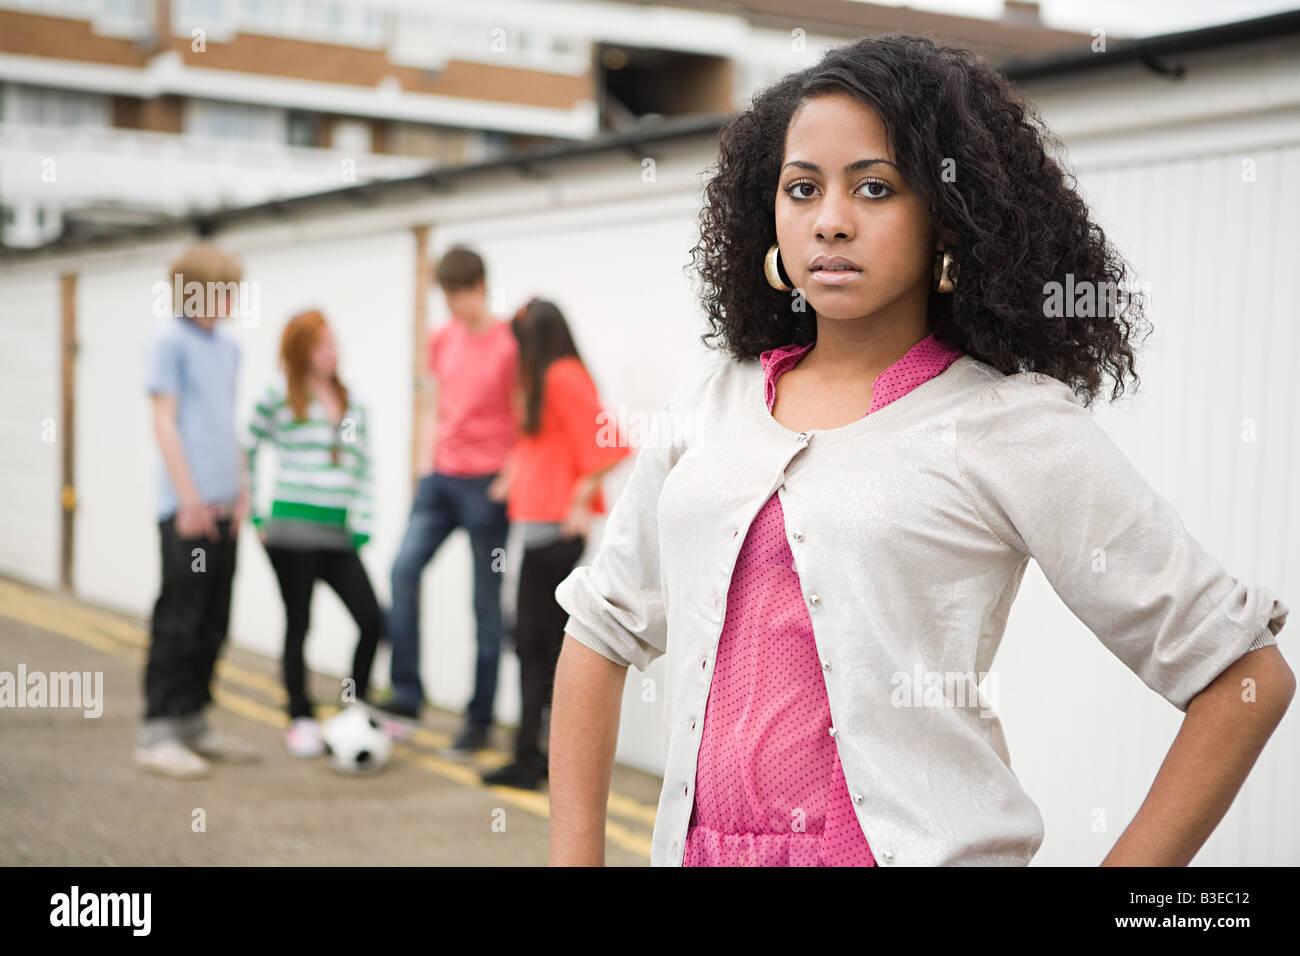 Los adolescentes por garajes Imagen De Stock